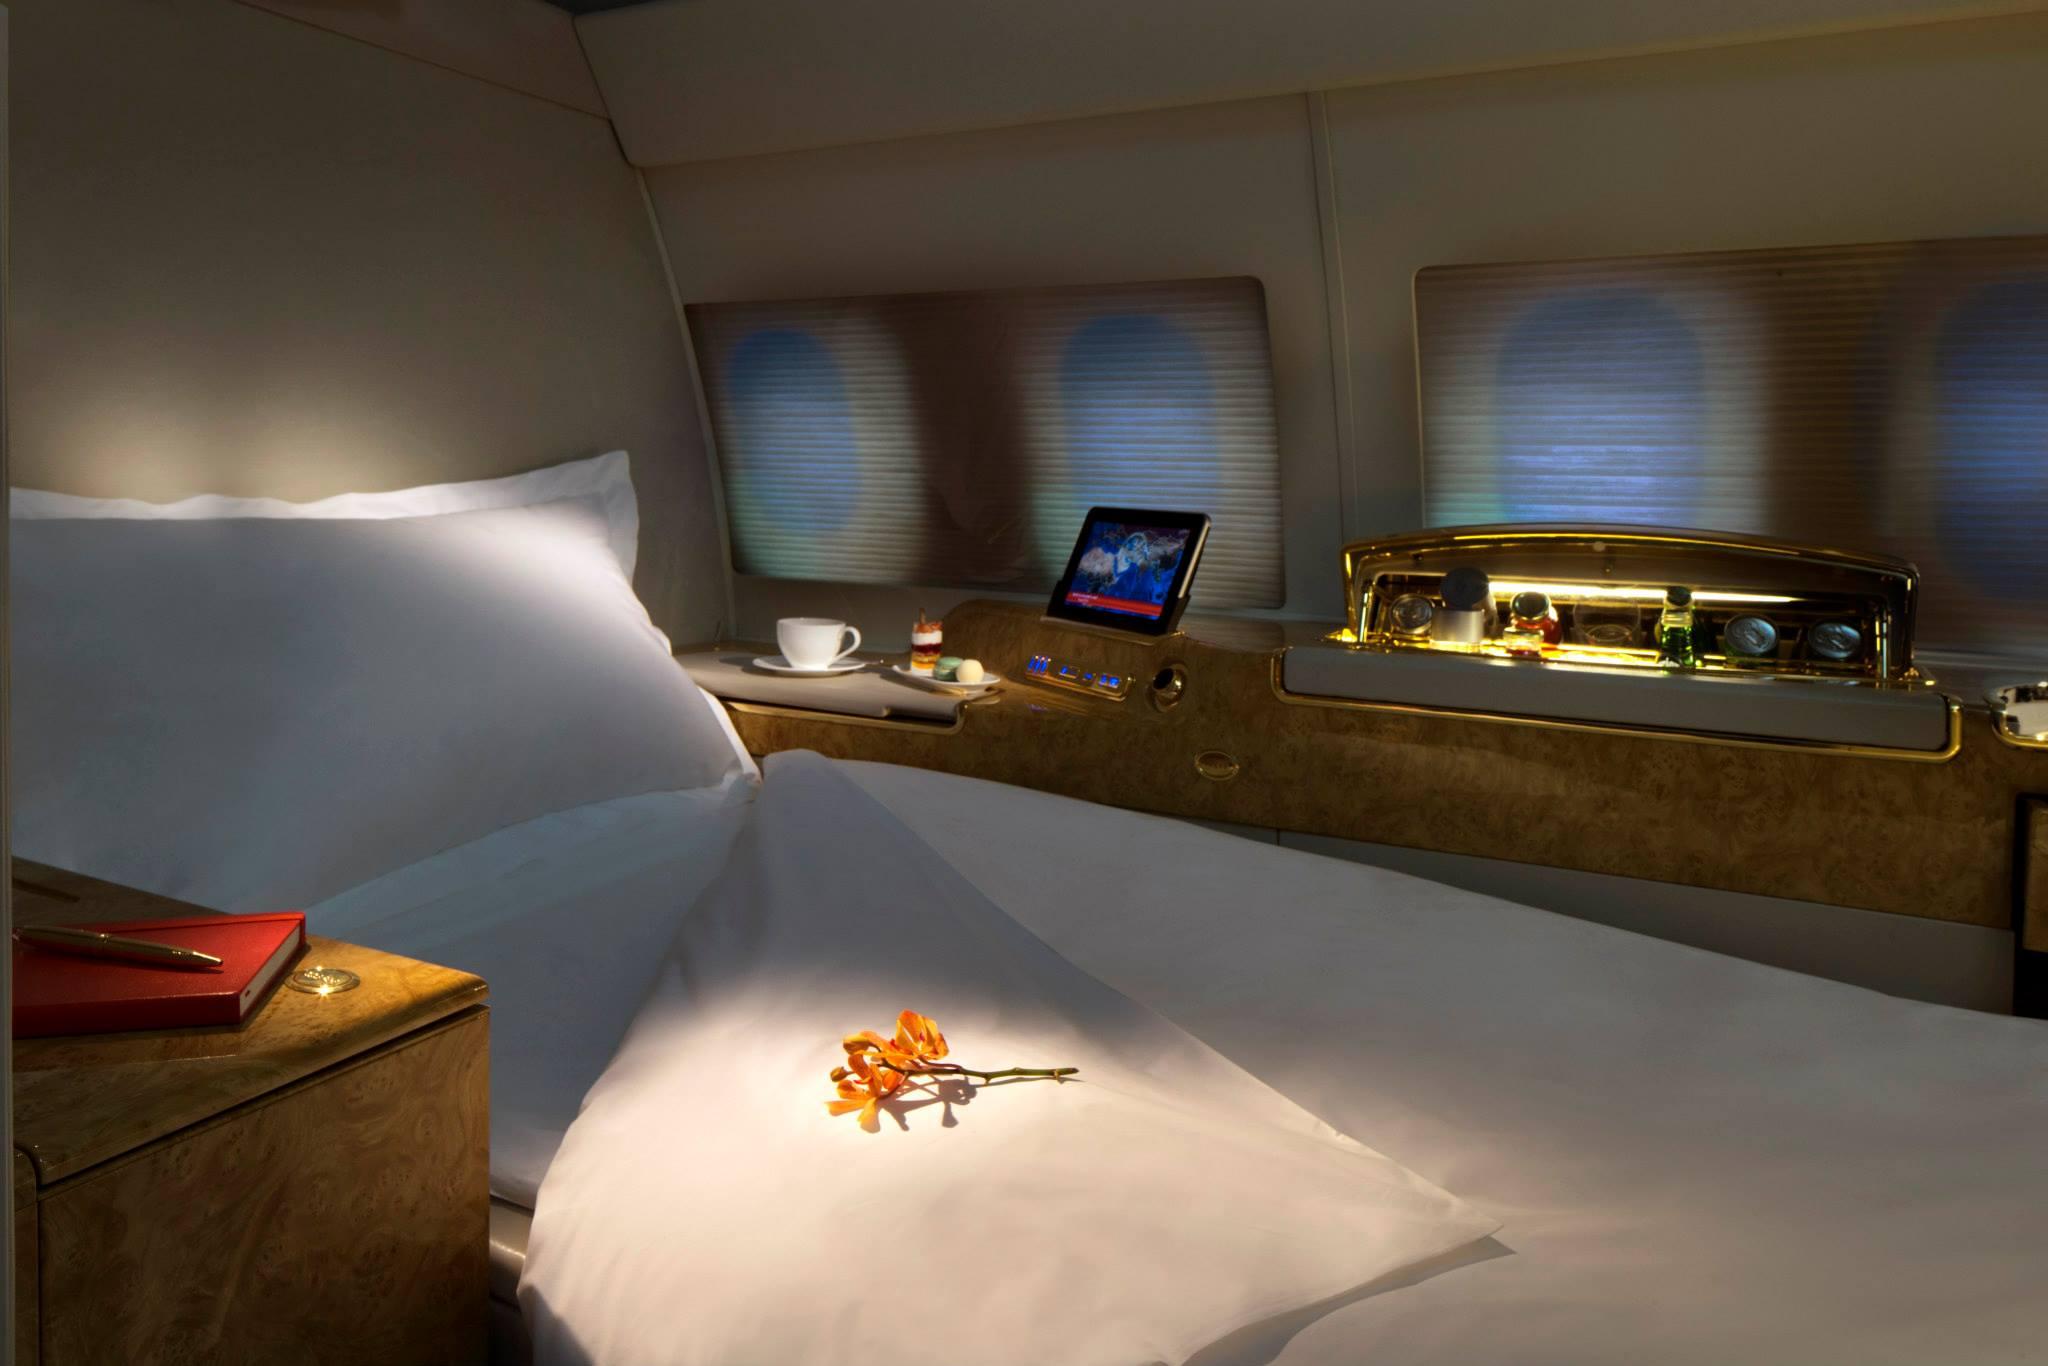 Suite dengan kursi yang bisa disulap menjadi tempat tidur.